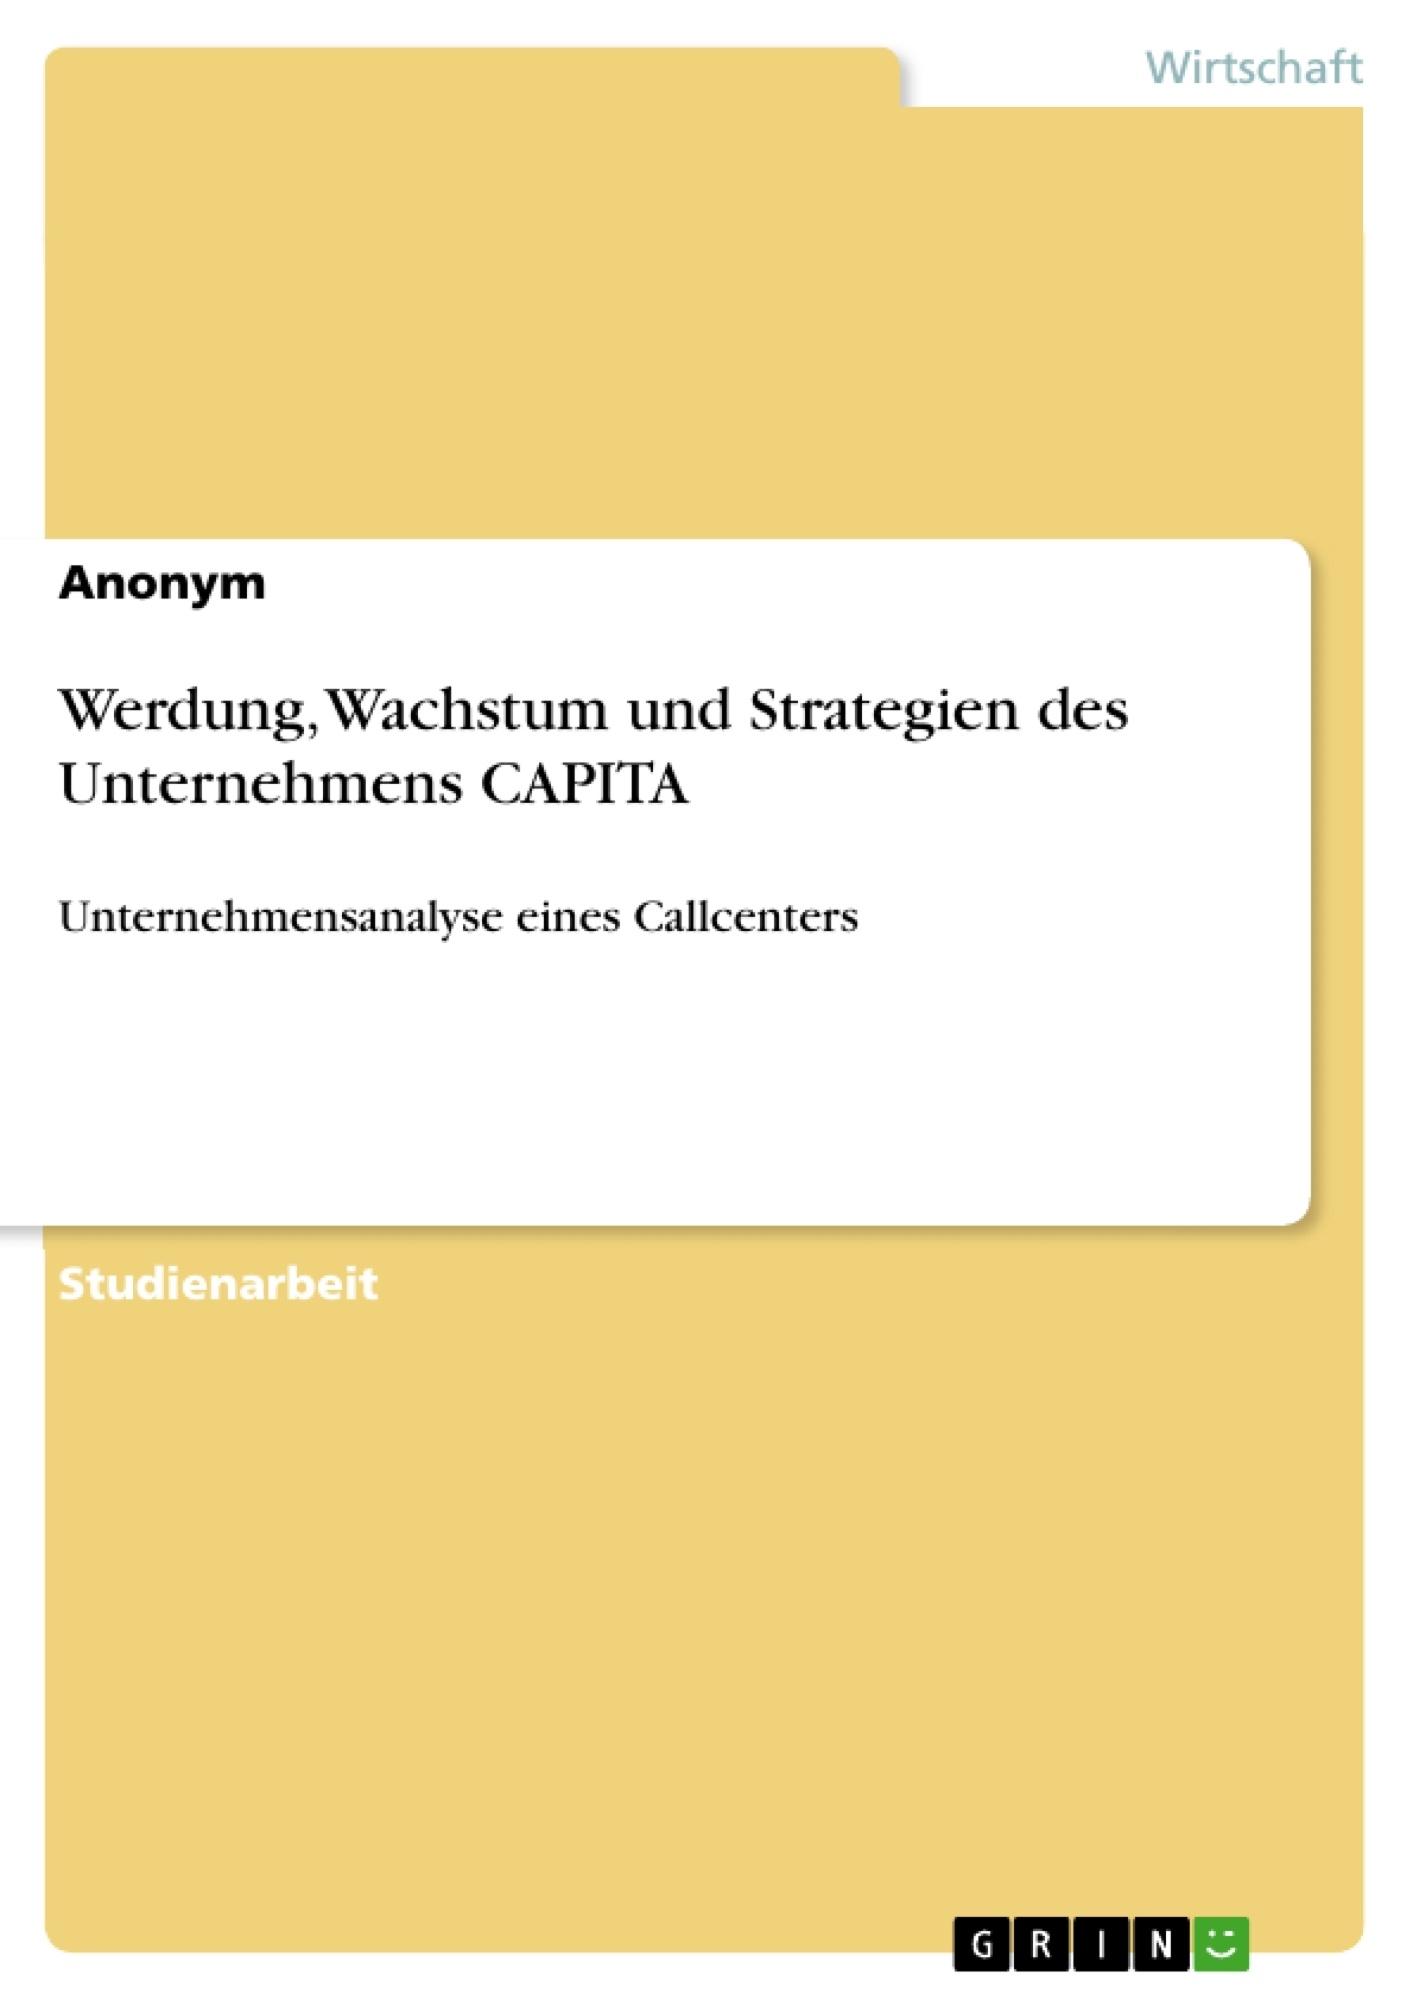 Titel: Werdung, Wachstum und Strategien des Unternehmens CAPITA